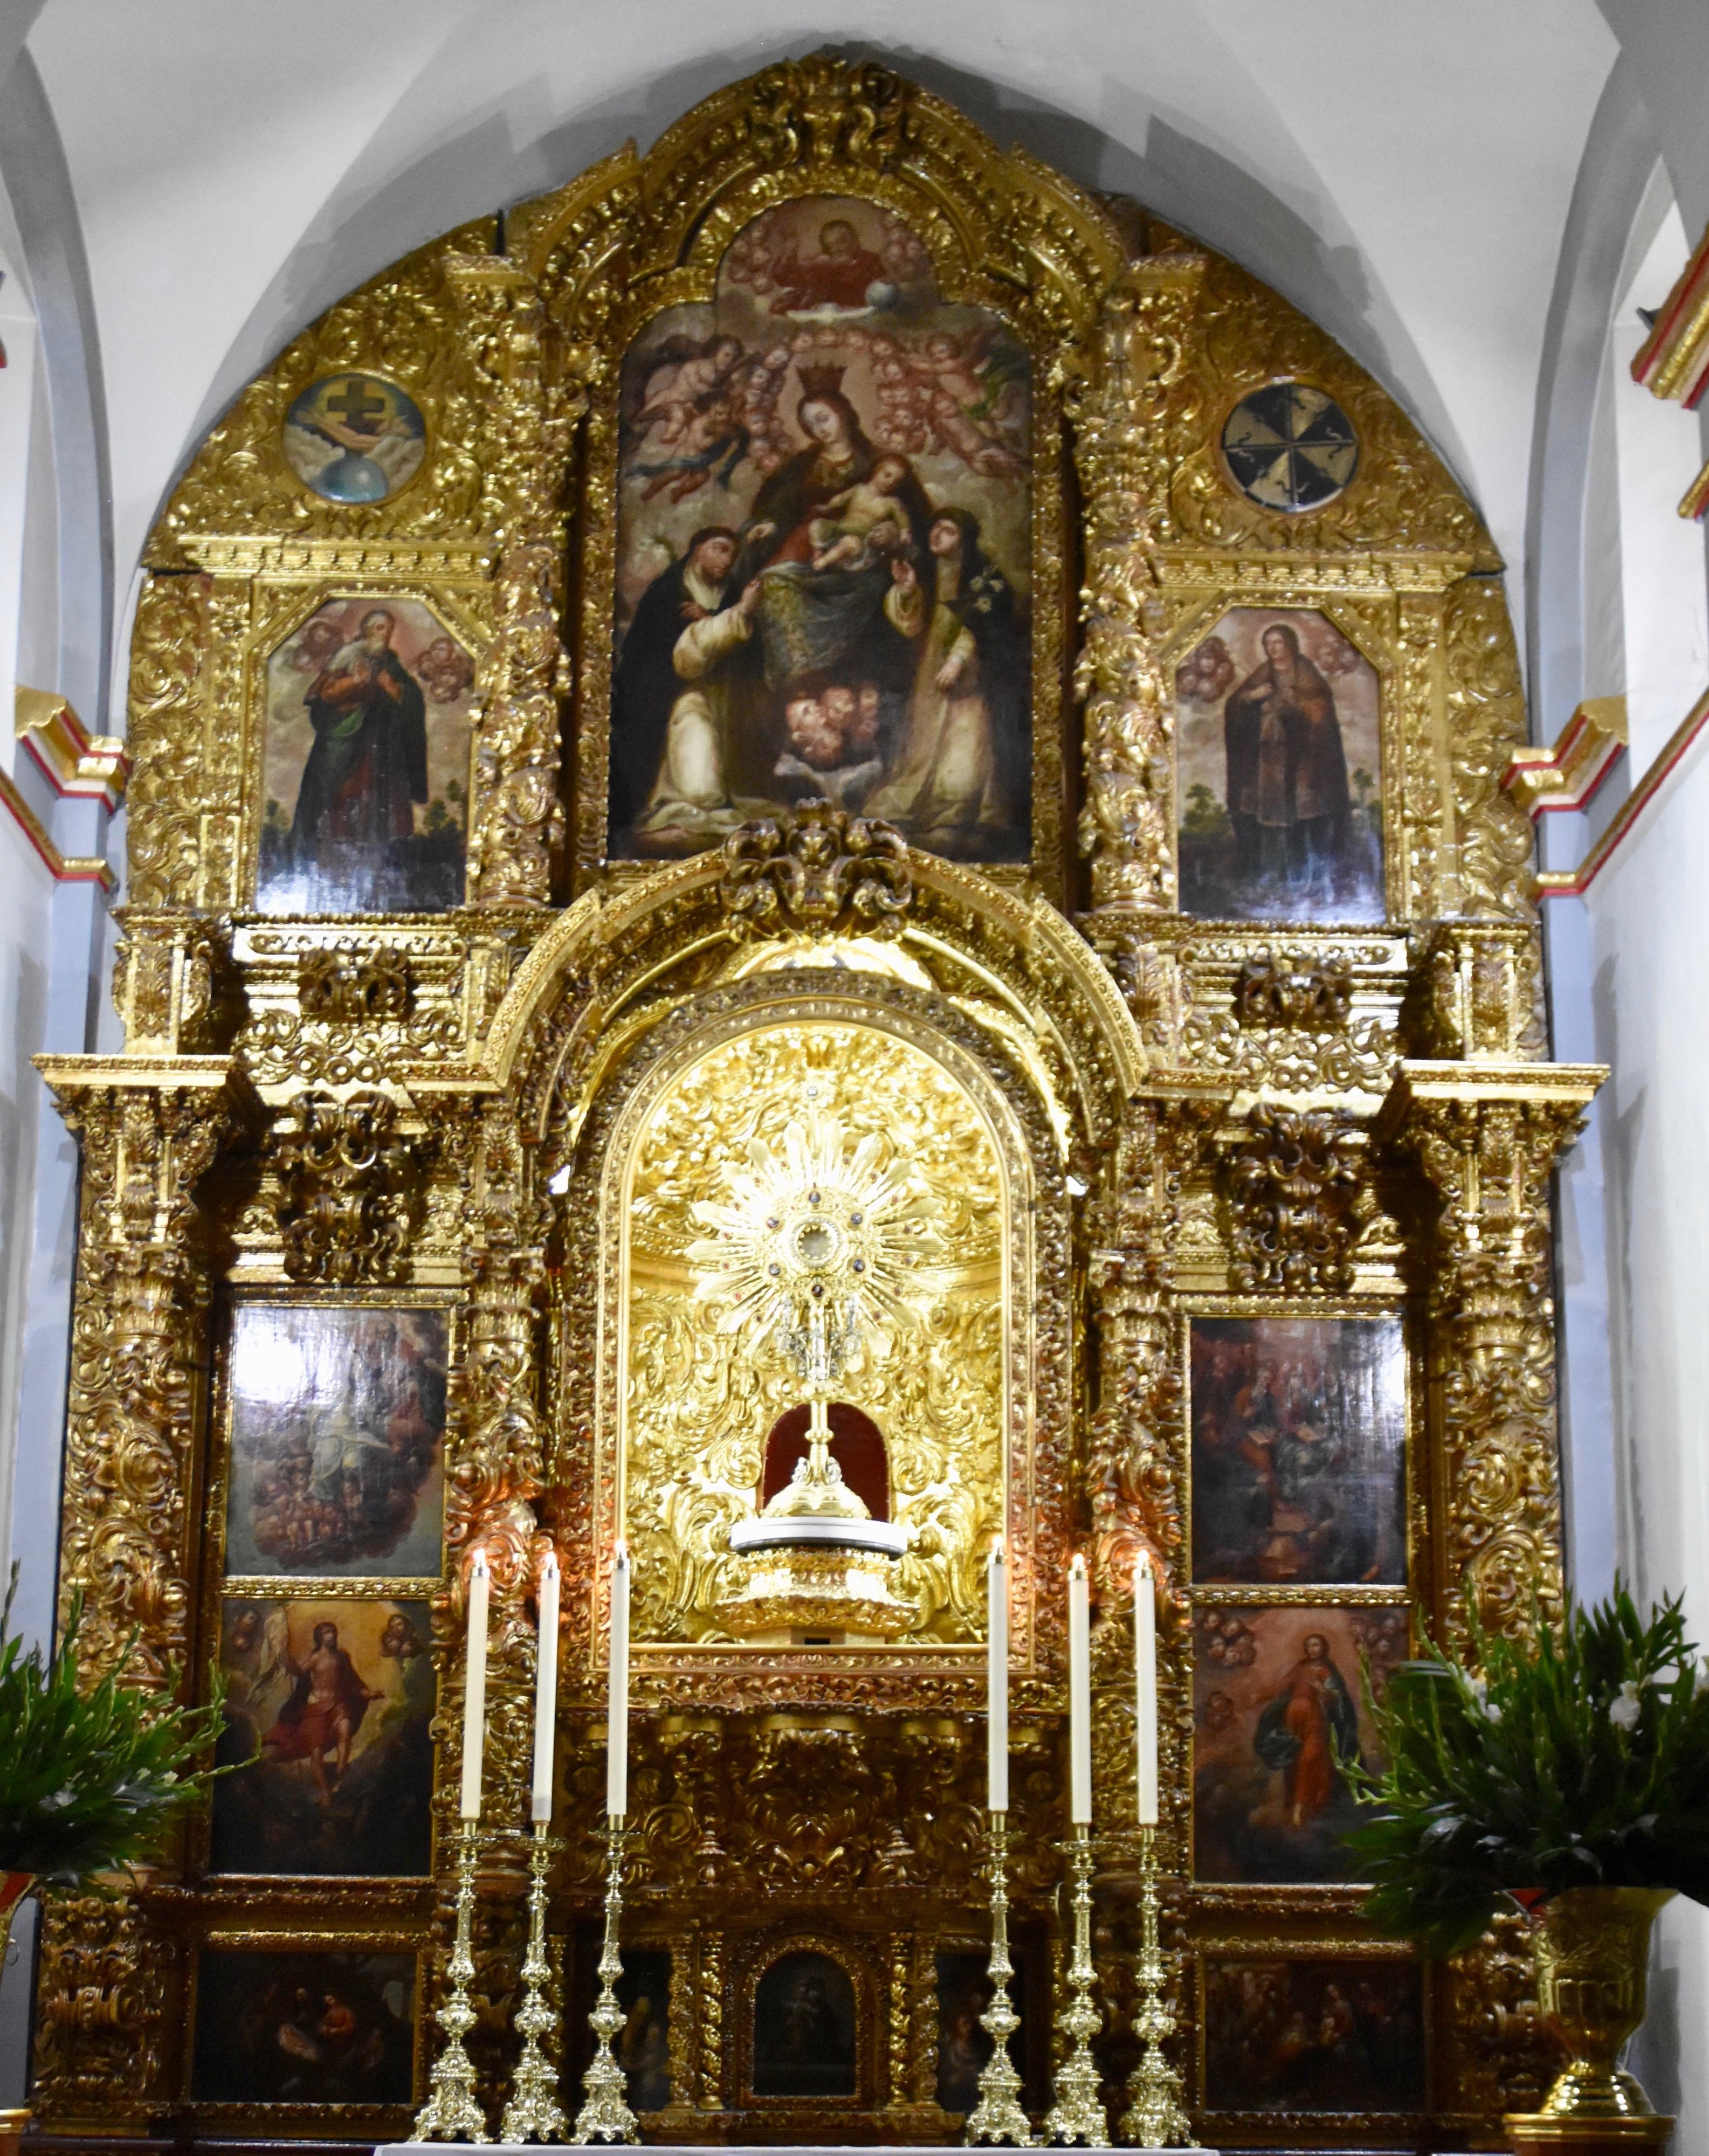 Rosario Chapel, Coyoacan